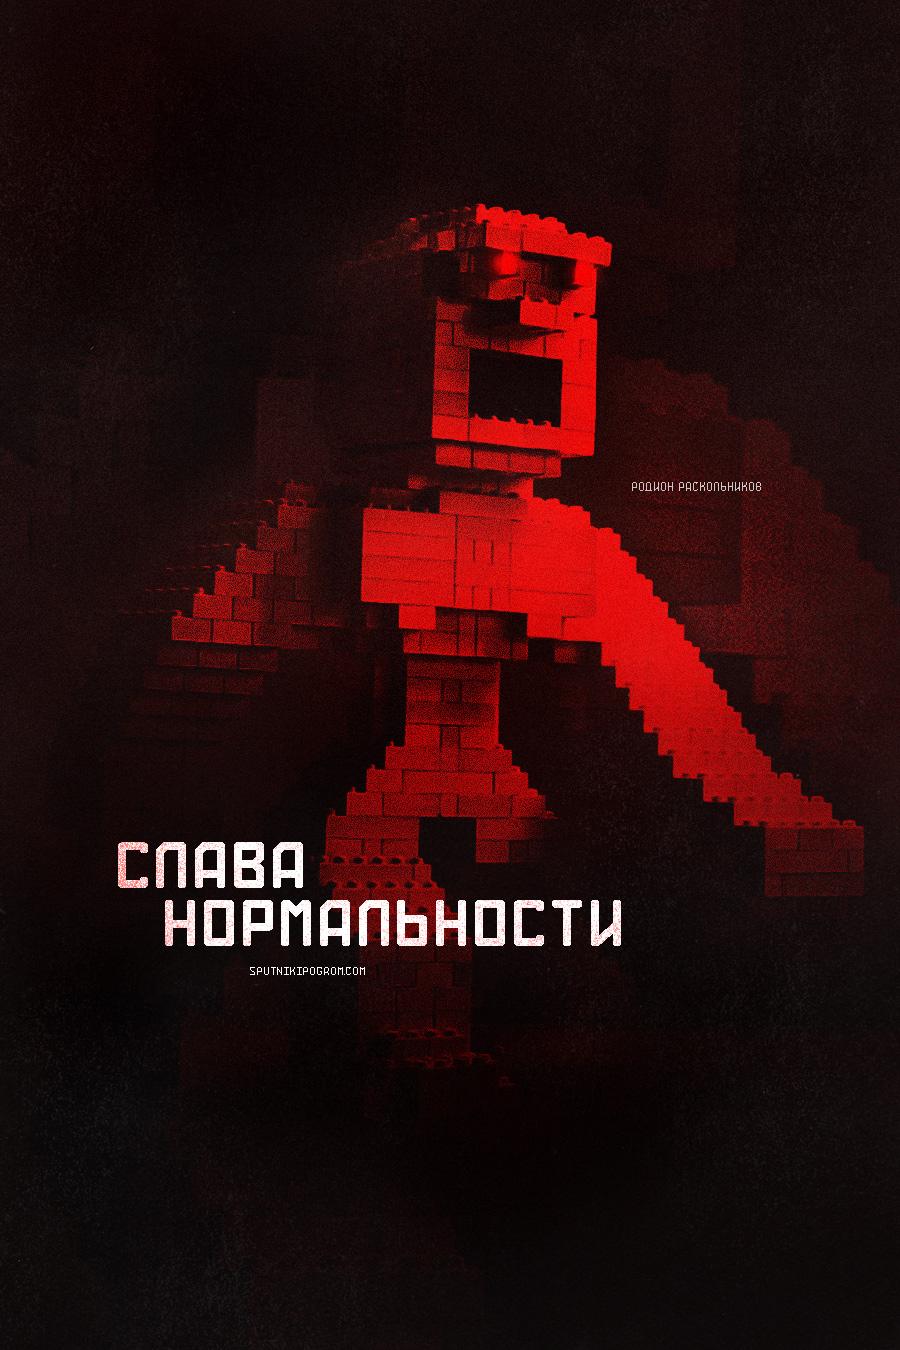 voj-cover